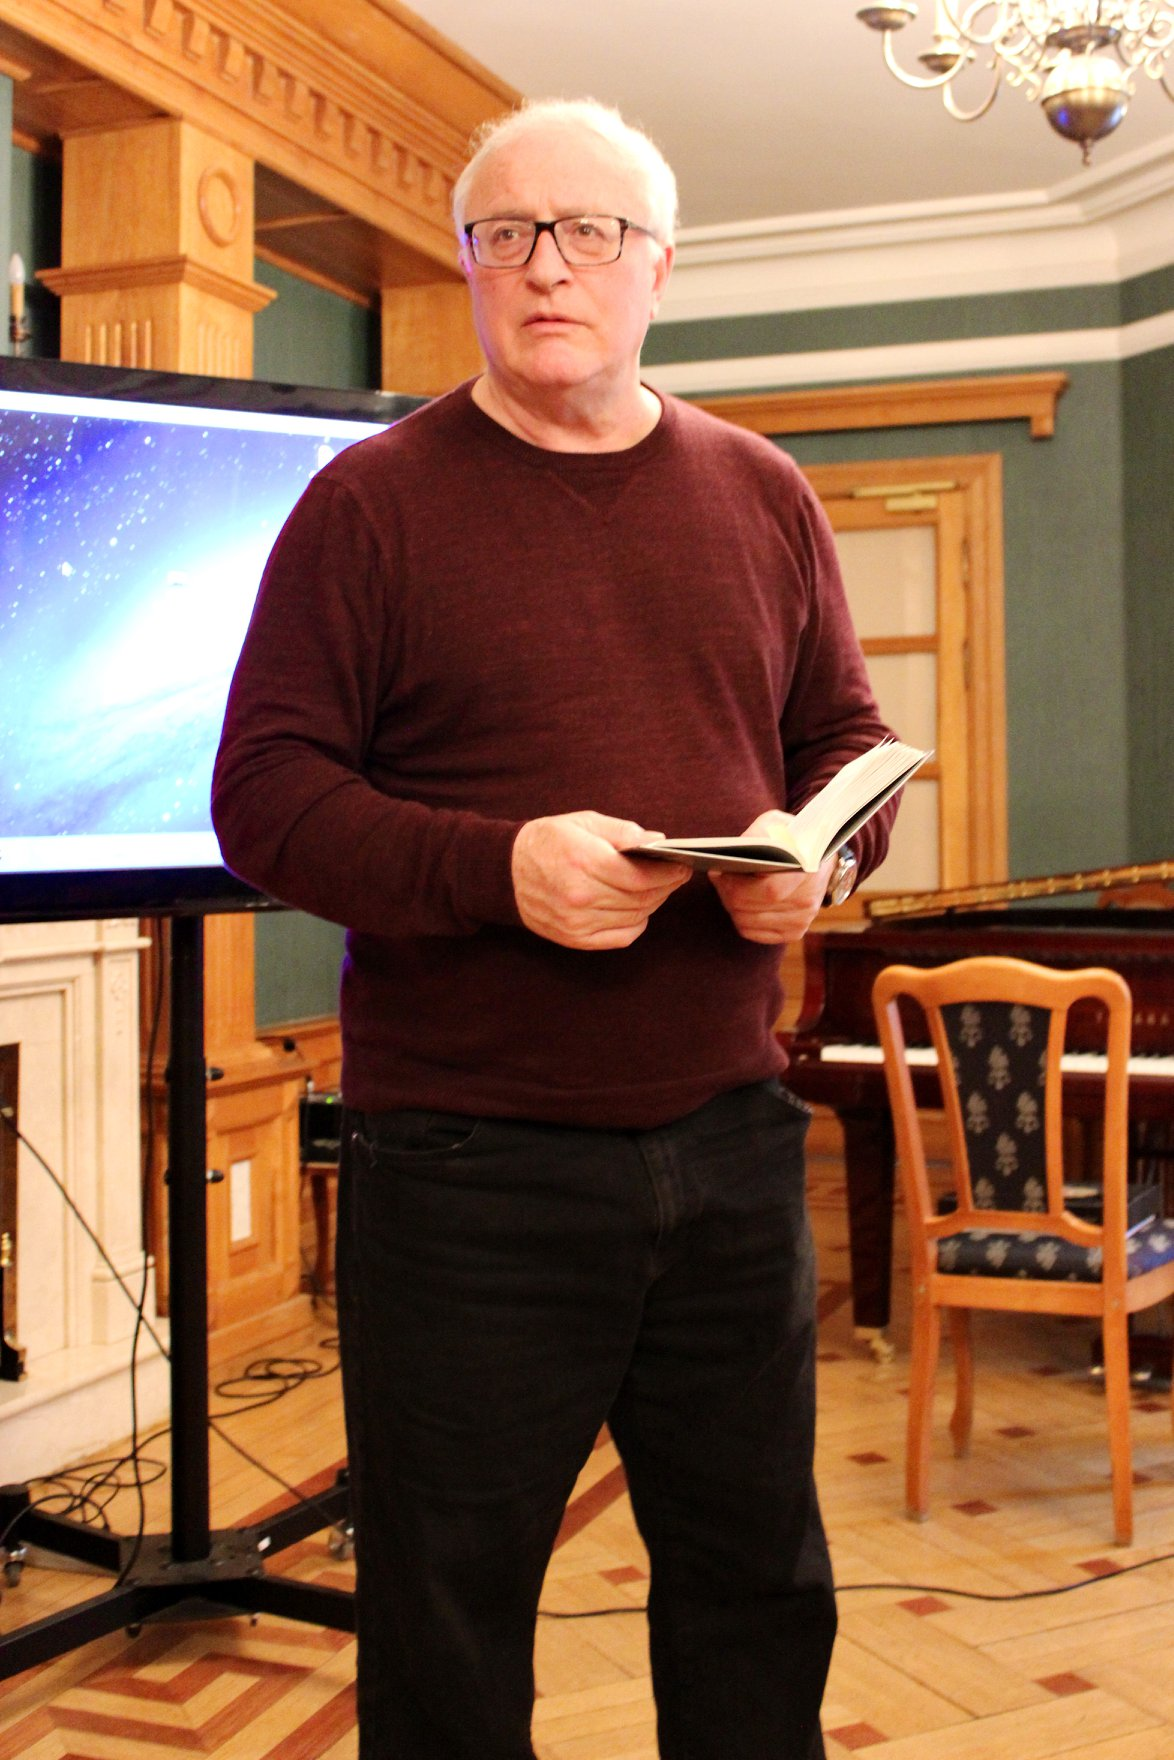 Поэт, эссеист, издатель и главный редактор международного журнала ИНТЕРПОЭЗИЯ, Андрей Грицман